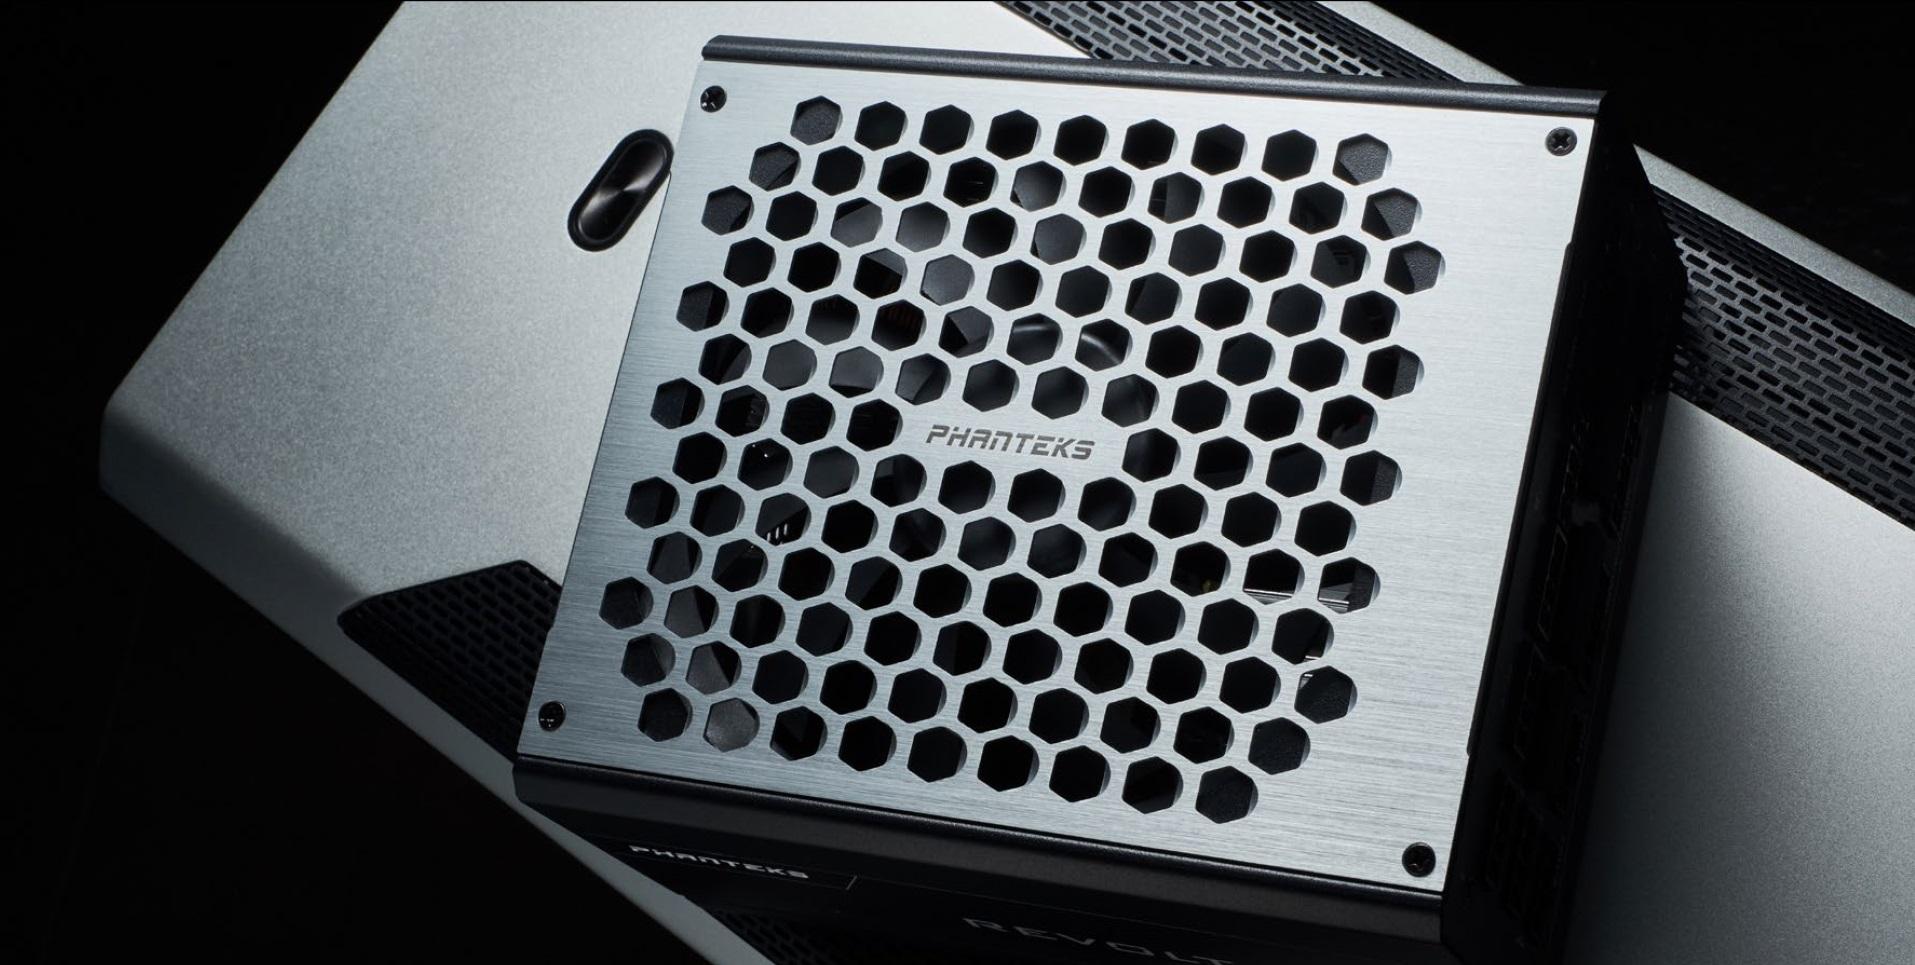 Phanteks Enthoo Evolv X ATX Case, Tempered Glass Window - Black cải tiến hệ thống làm mát